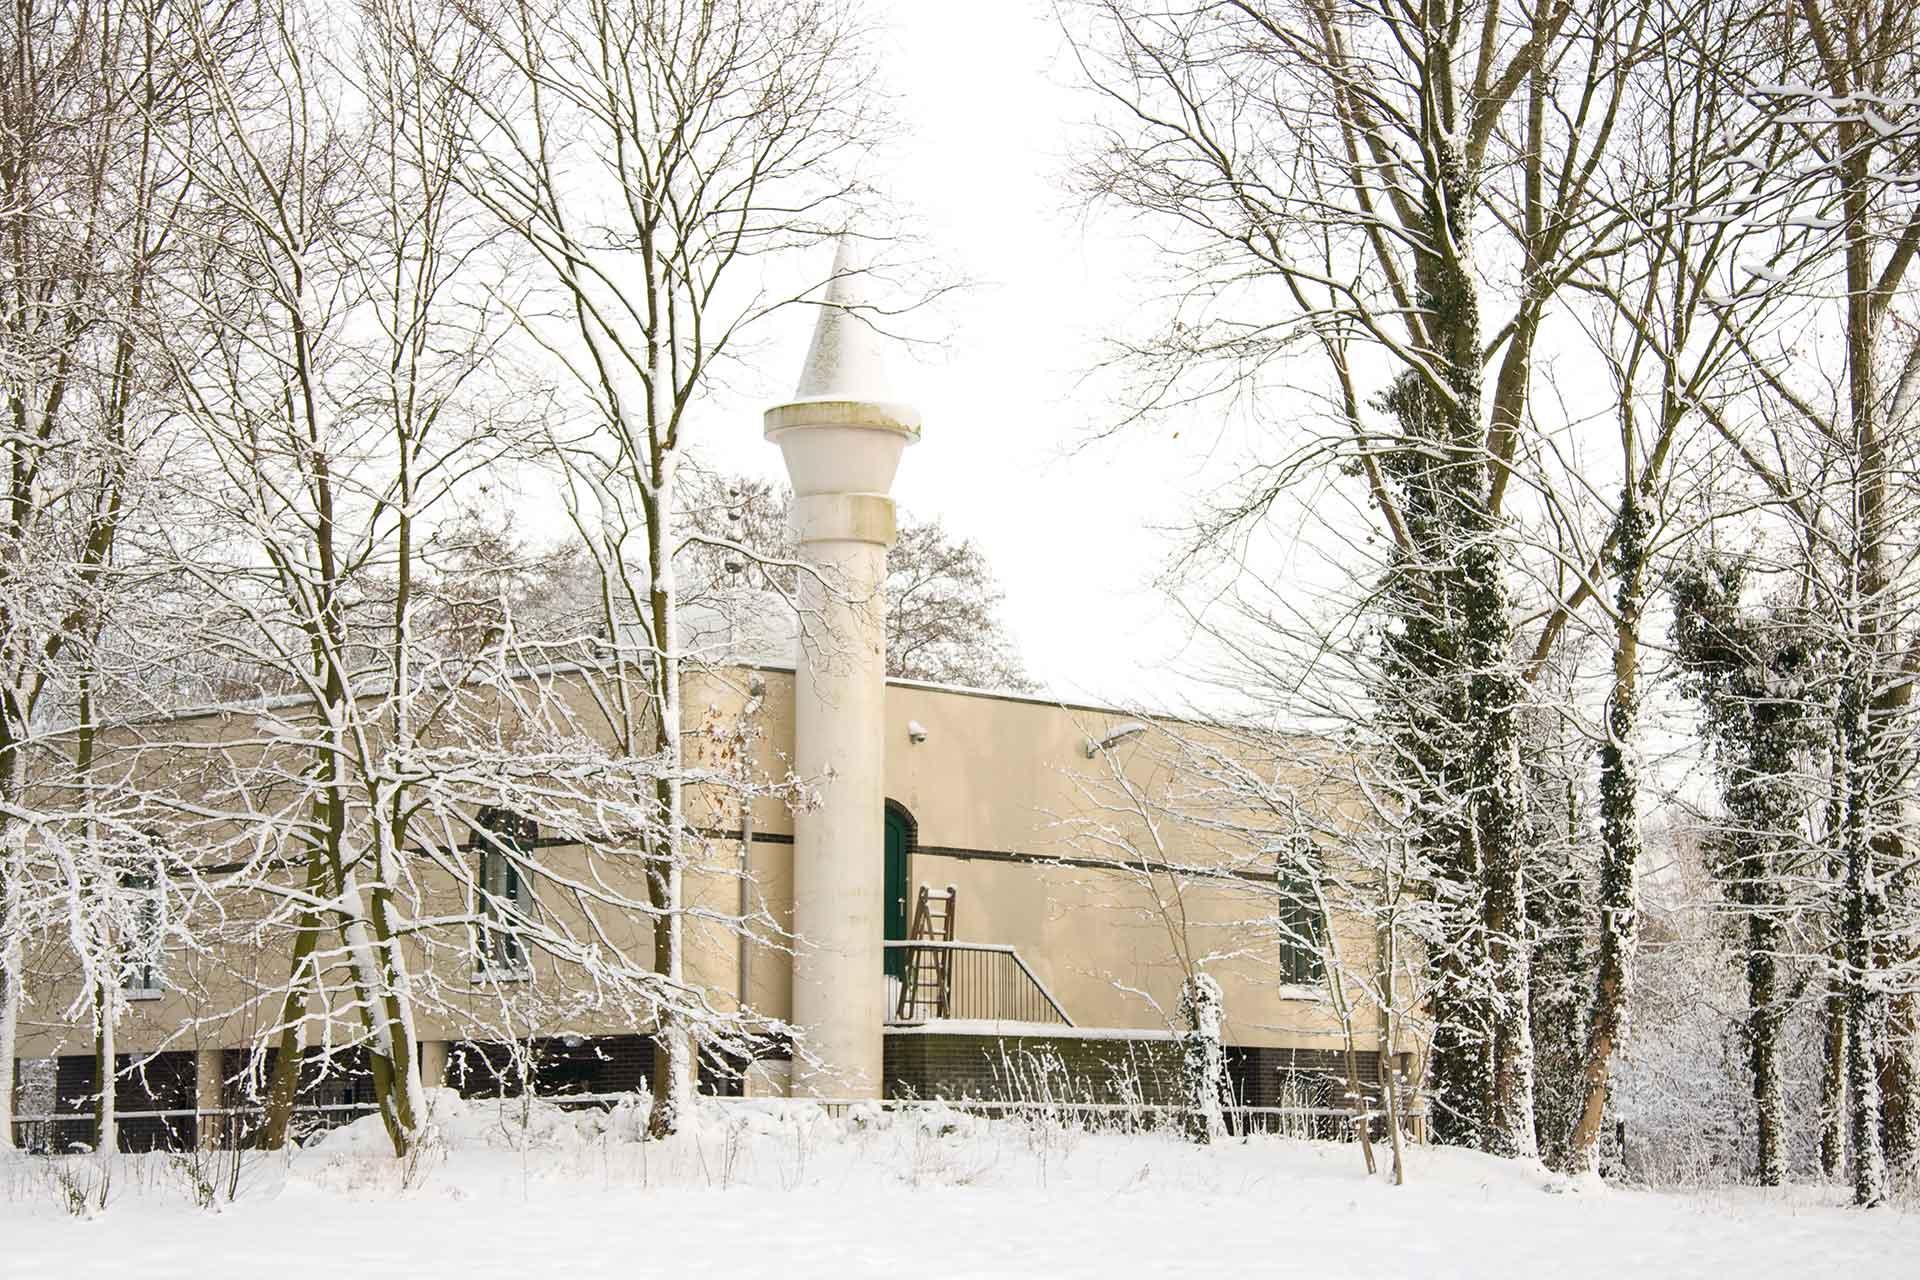 Aanslag op moskee spraakmakende strafzaken - Weening Strafrechtadvocaten